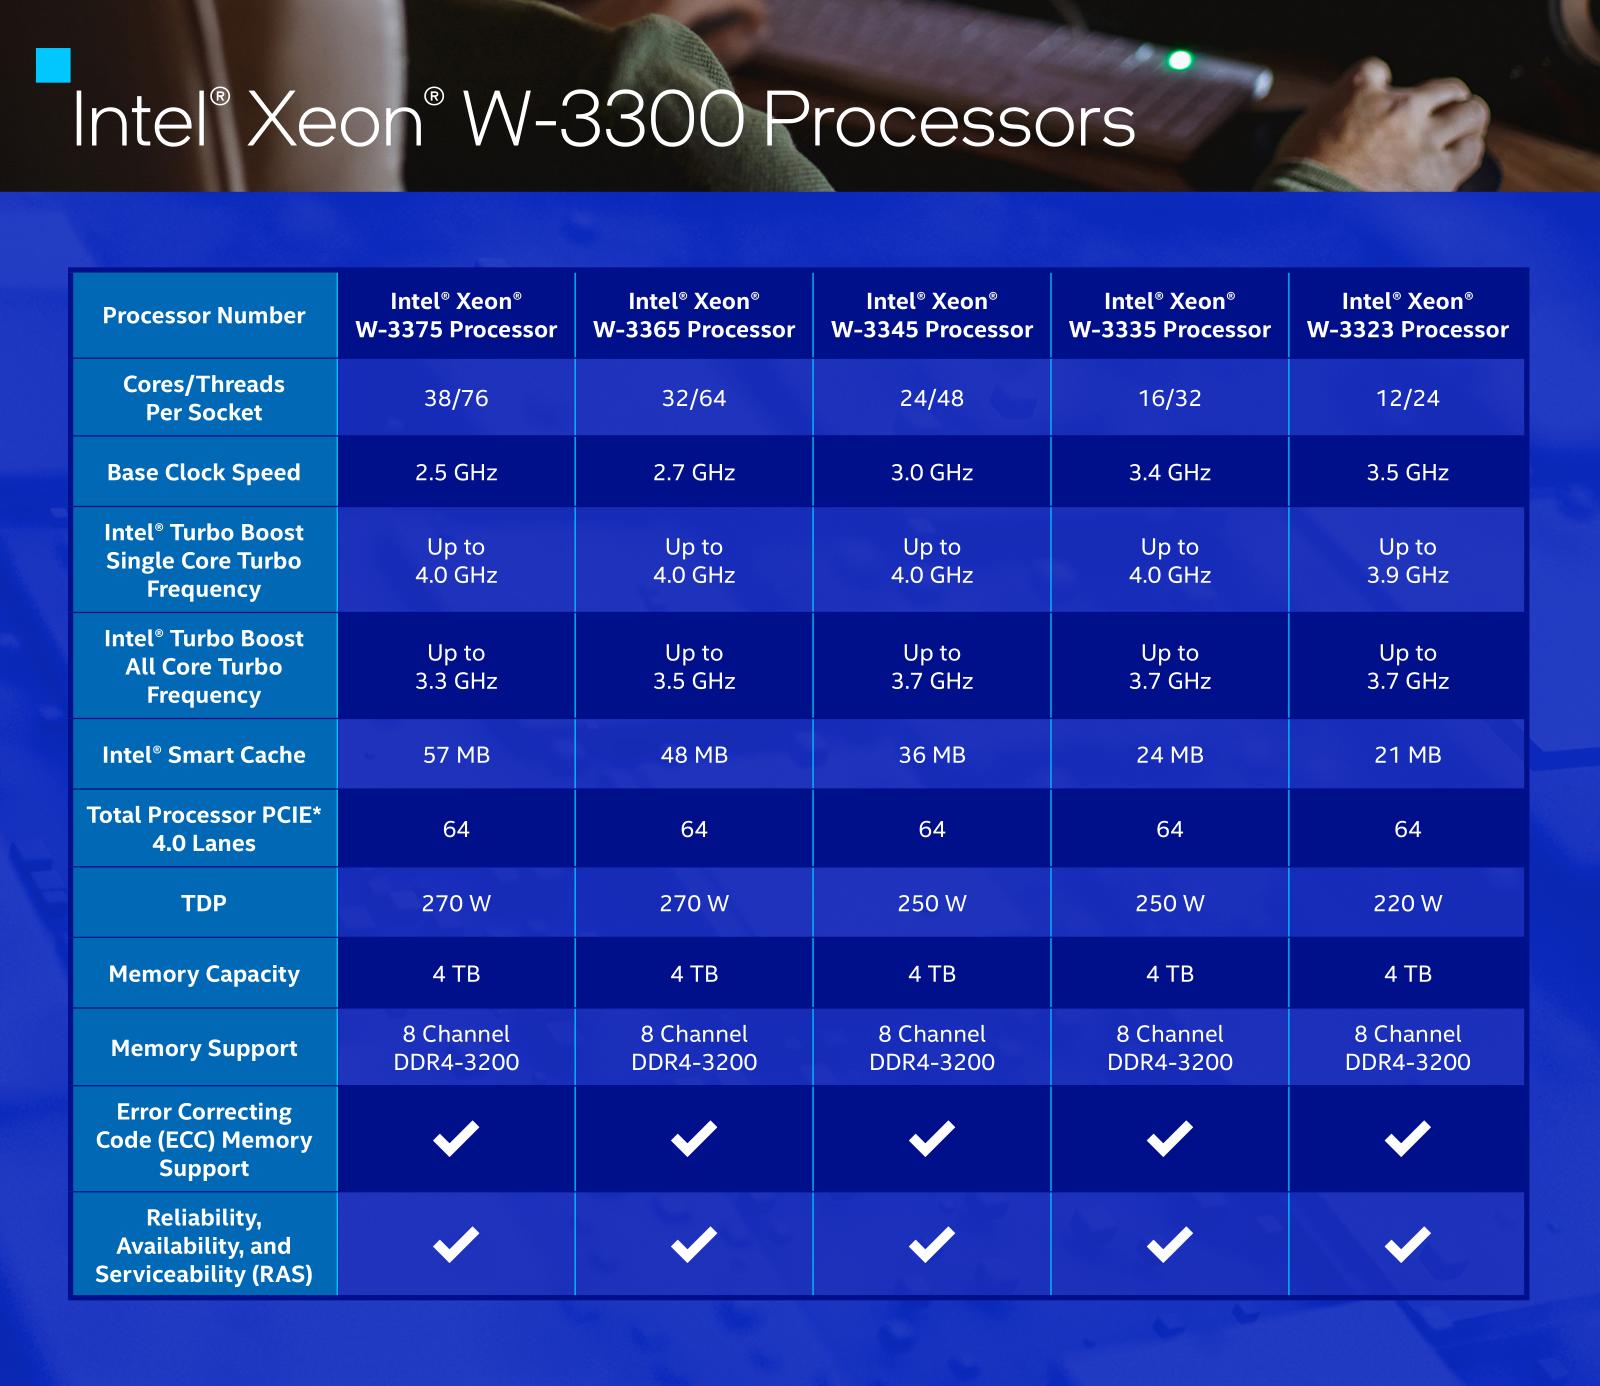 Intel Xeon W-3300 Ice Lake